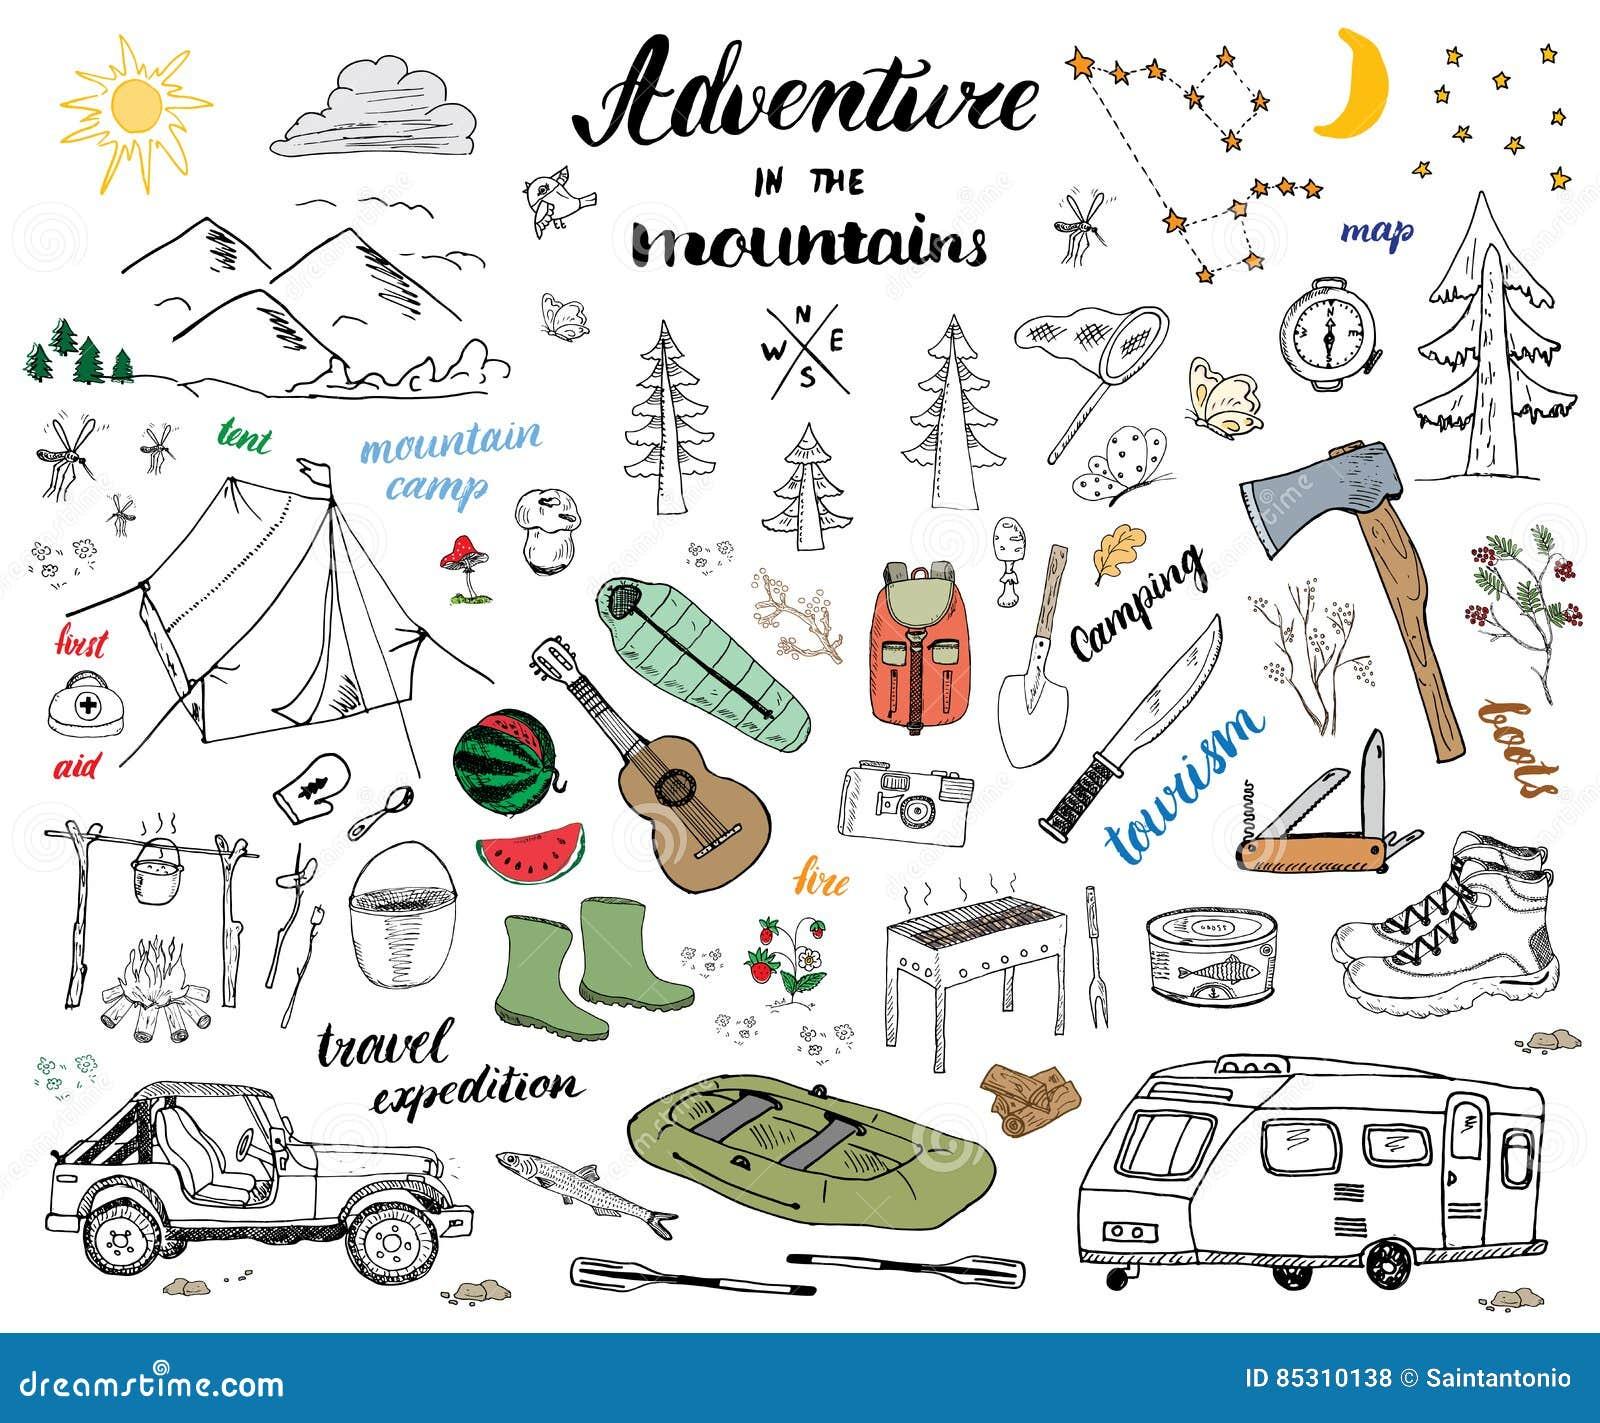 Obozujący, Wycieczkujący ręka Rysującą nakreślenia doodle ustaloną wektorową ilustrację z górami, namiot, tratwa, grill, ognisko,